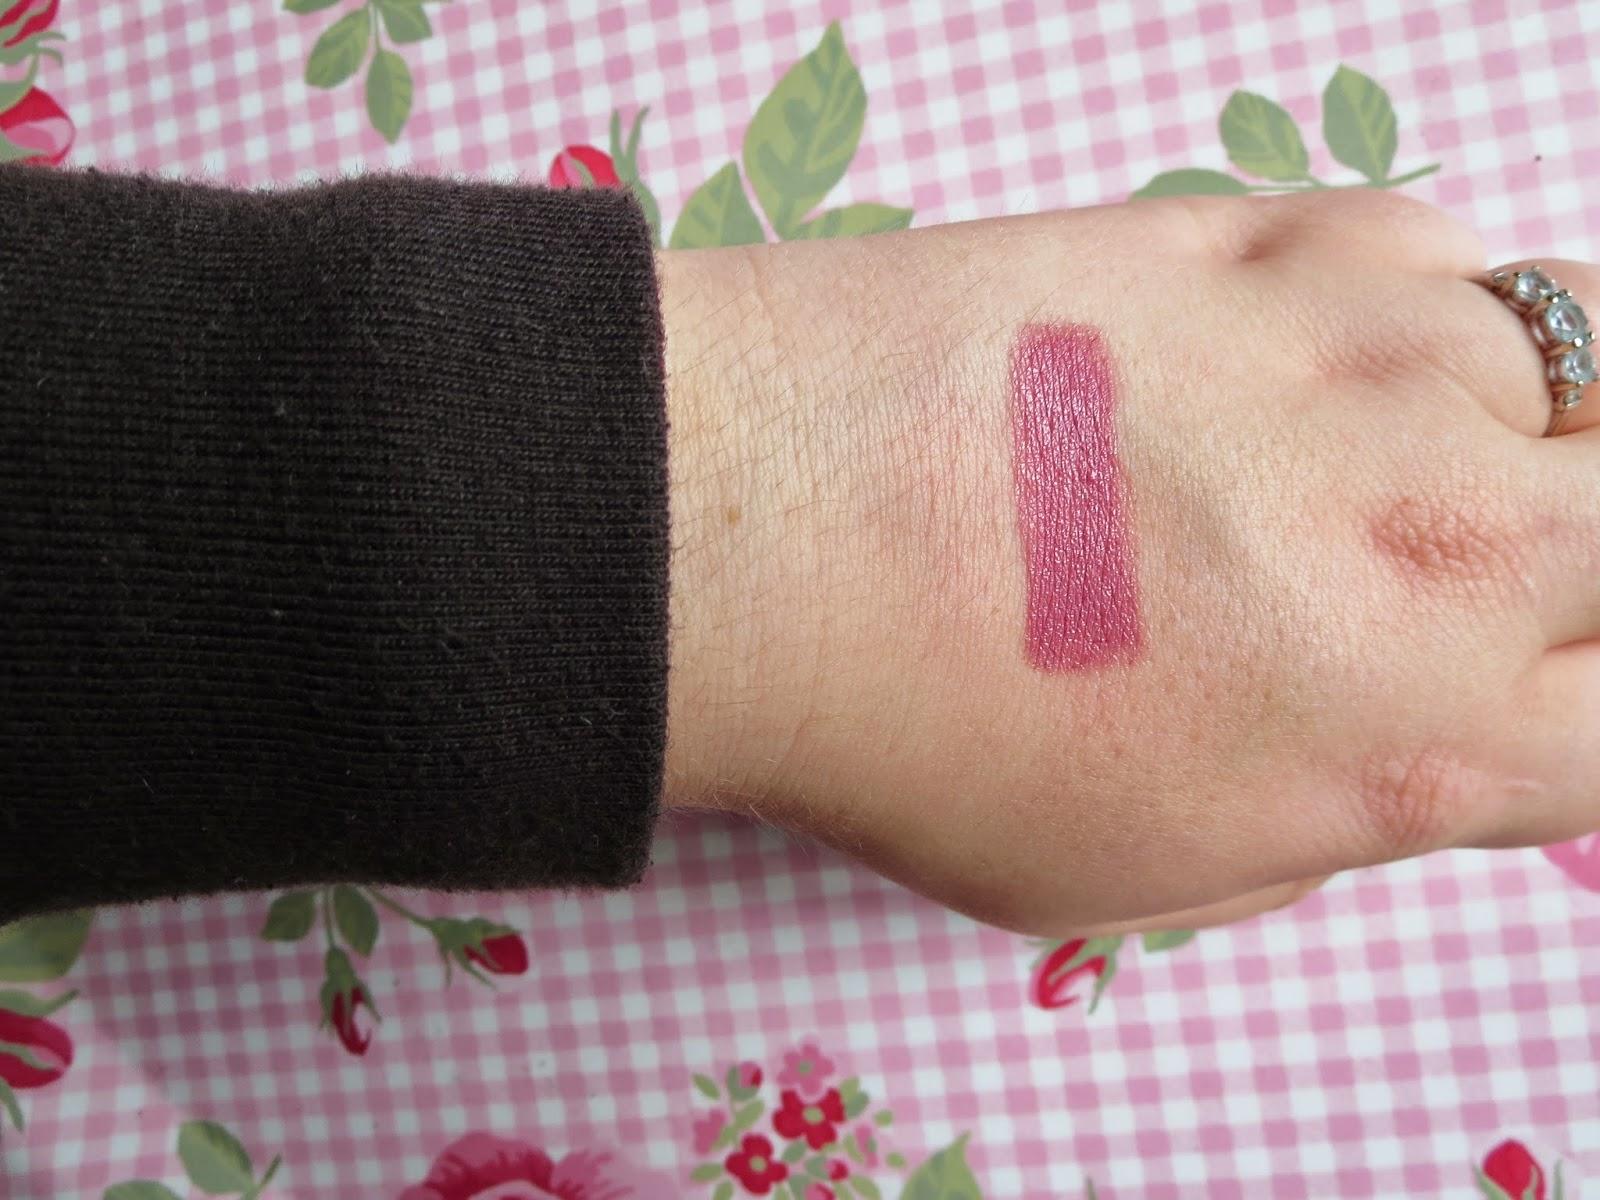 L'oreal Colour Riche Lipstick Saucy Mauve L'oreal Colour Riche in